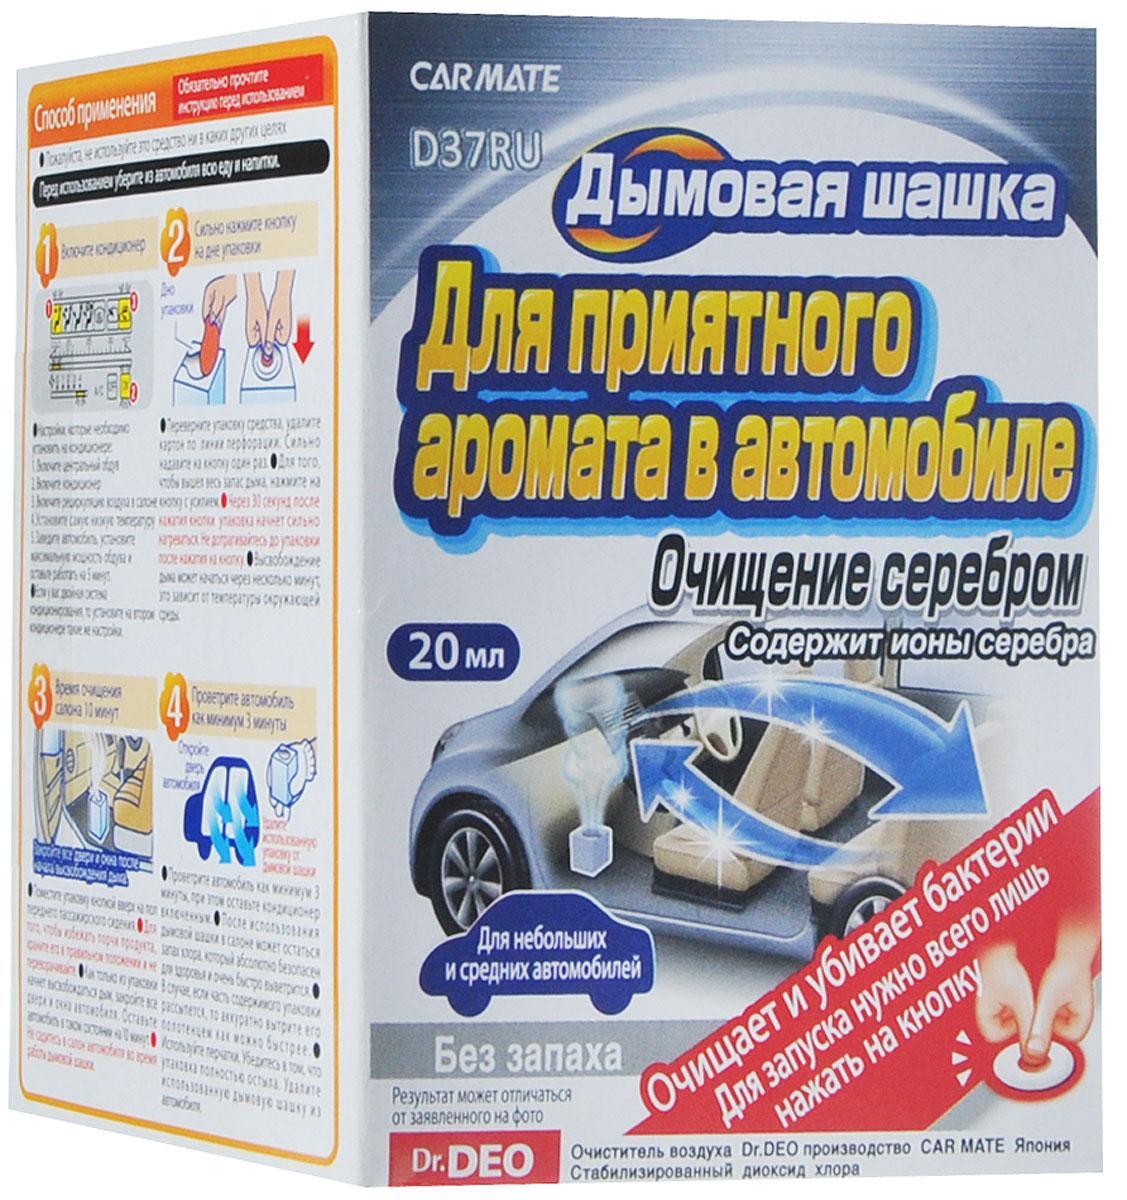 CARMATE Дымовая шашка для кондиционера для не больших и средних автомобилей, очищение серебром, 20 мл